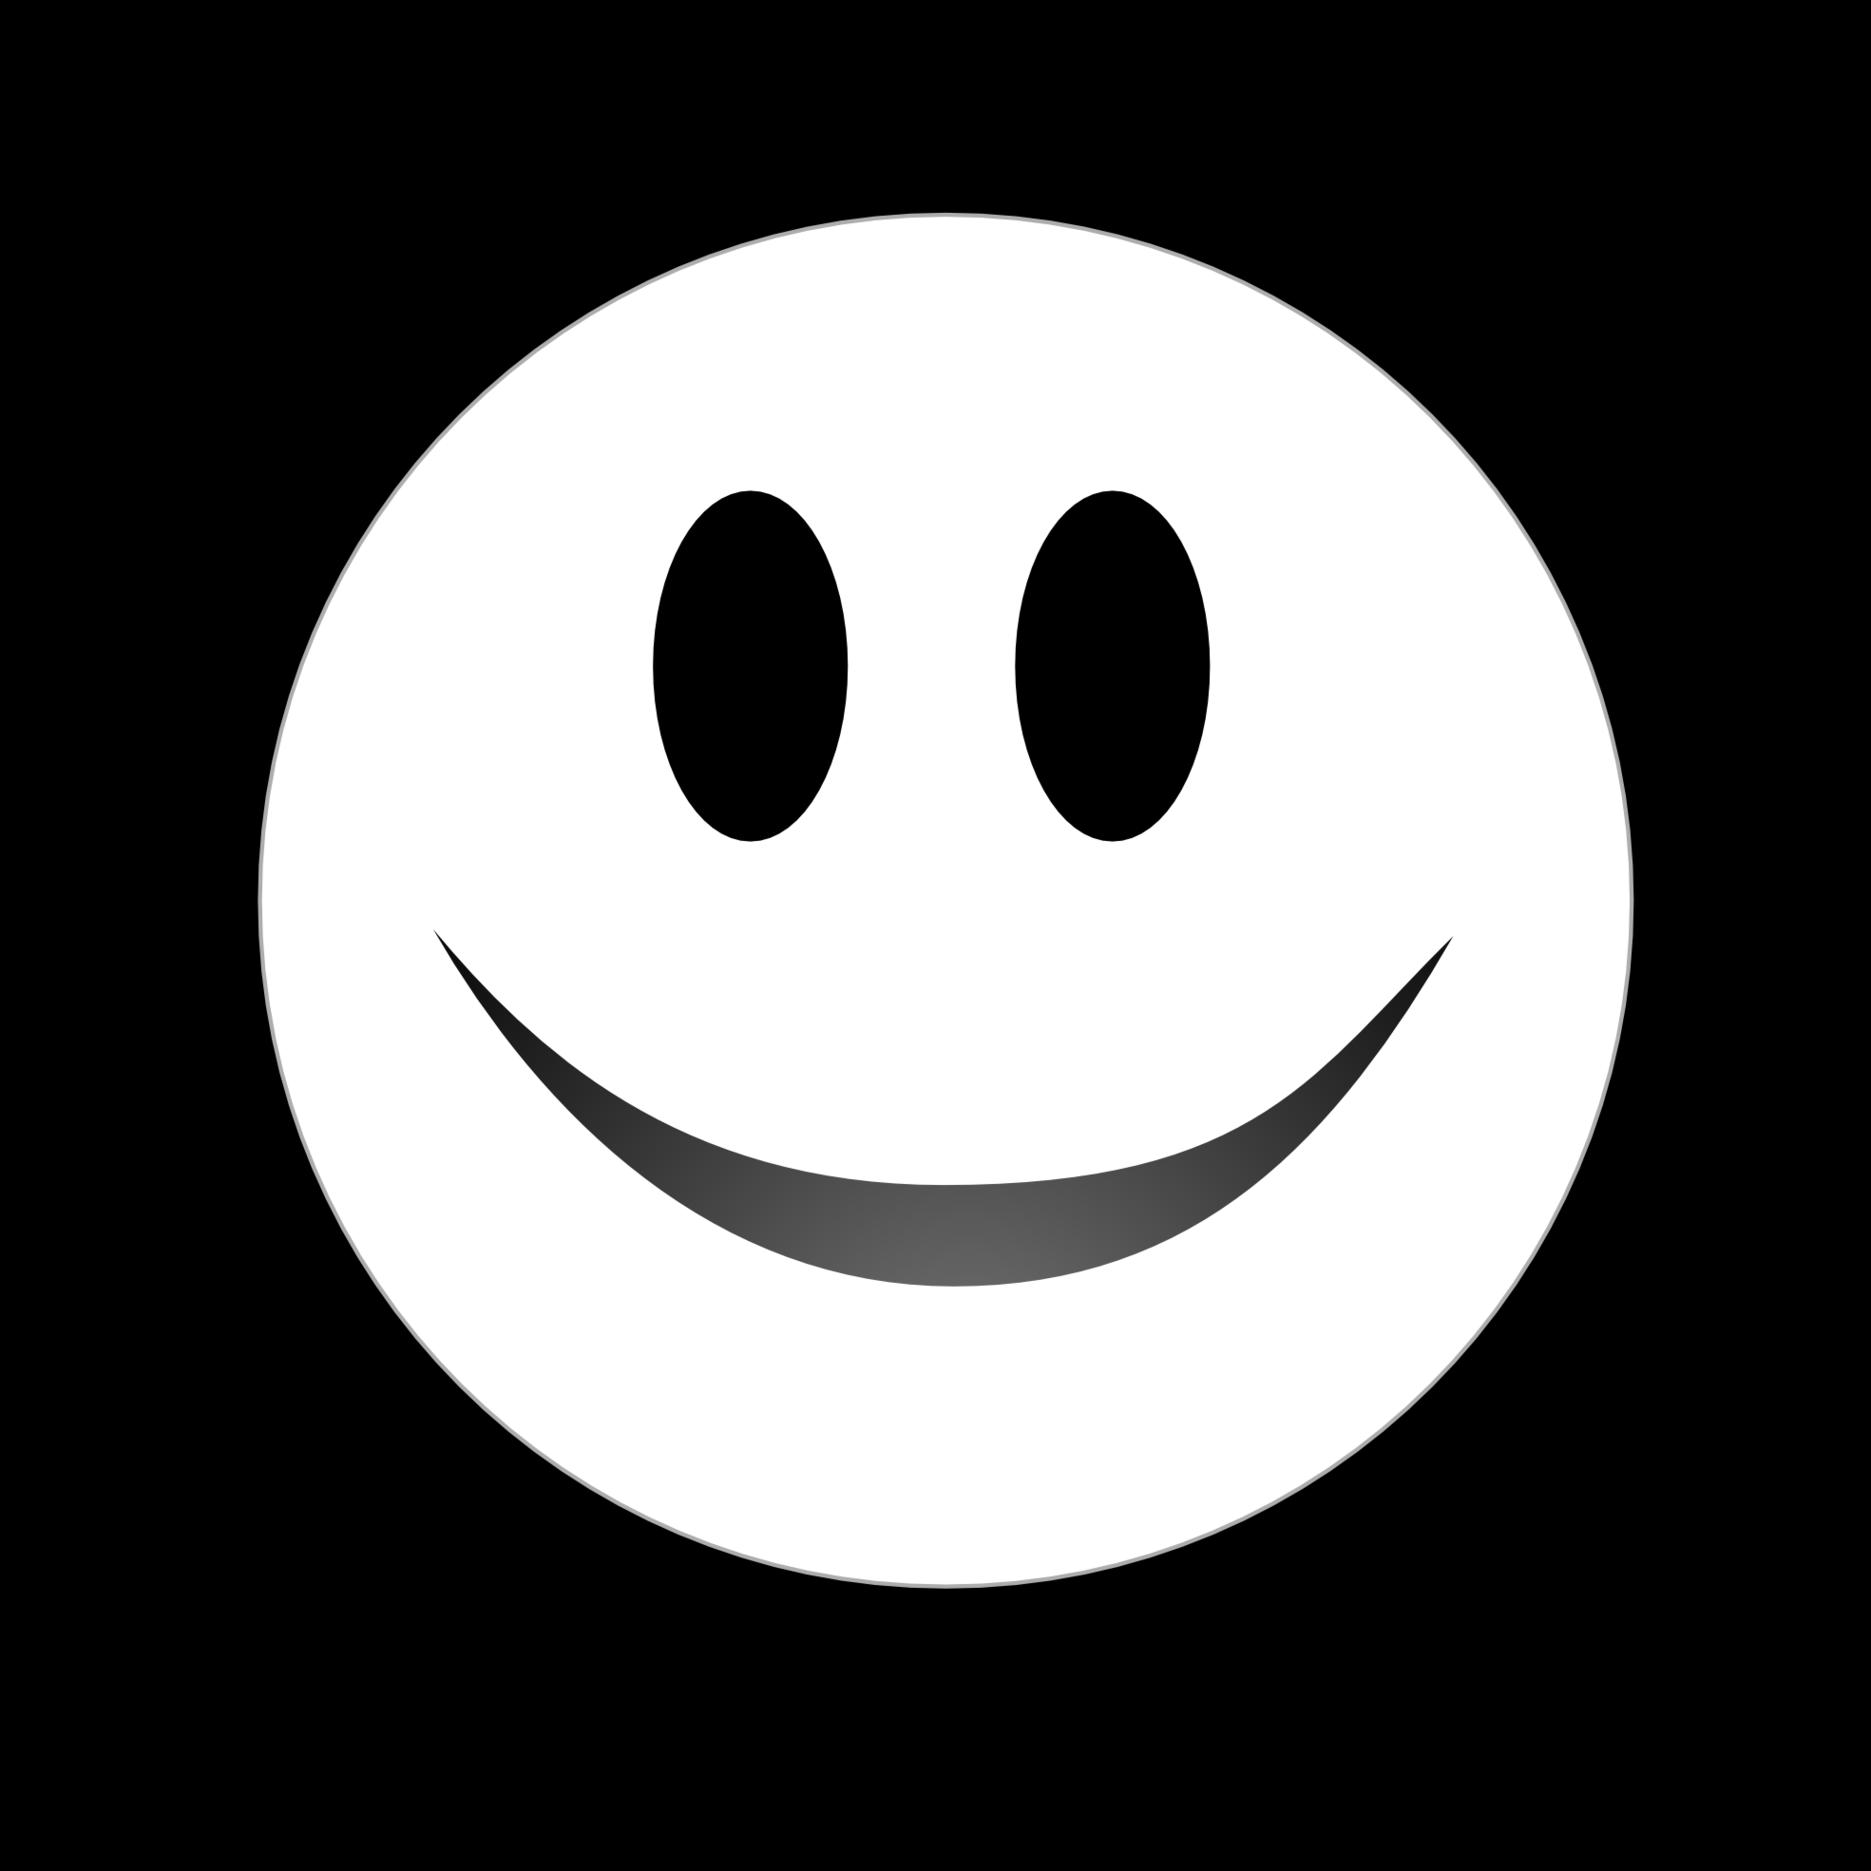 Smile clip art tumundografico 2